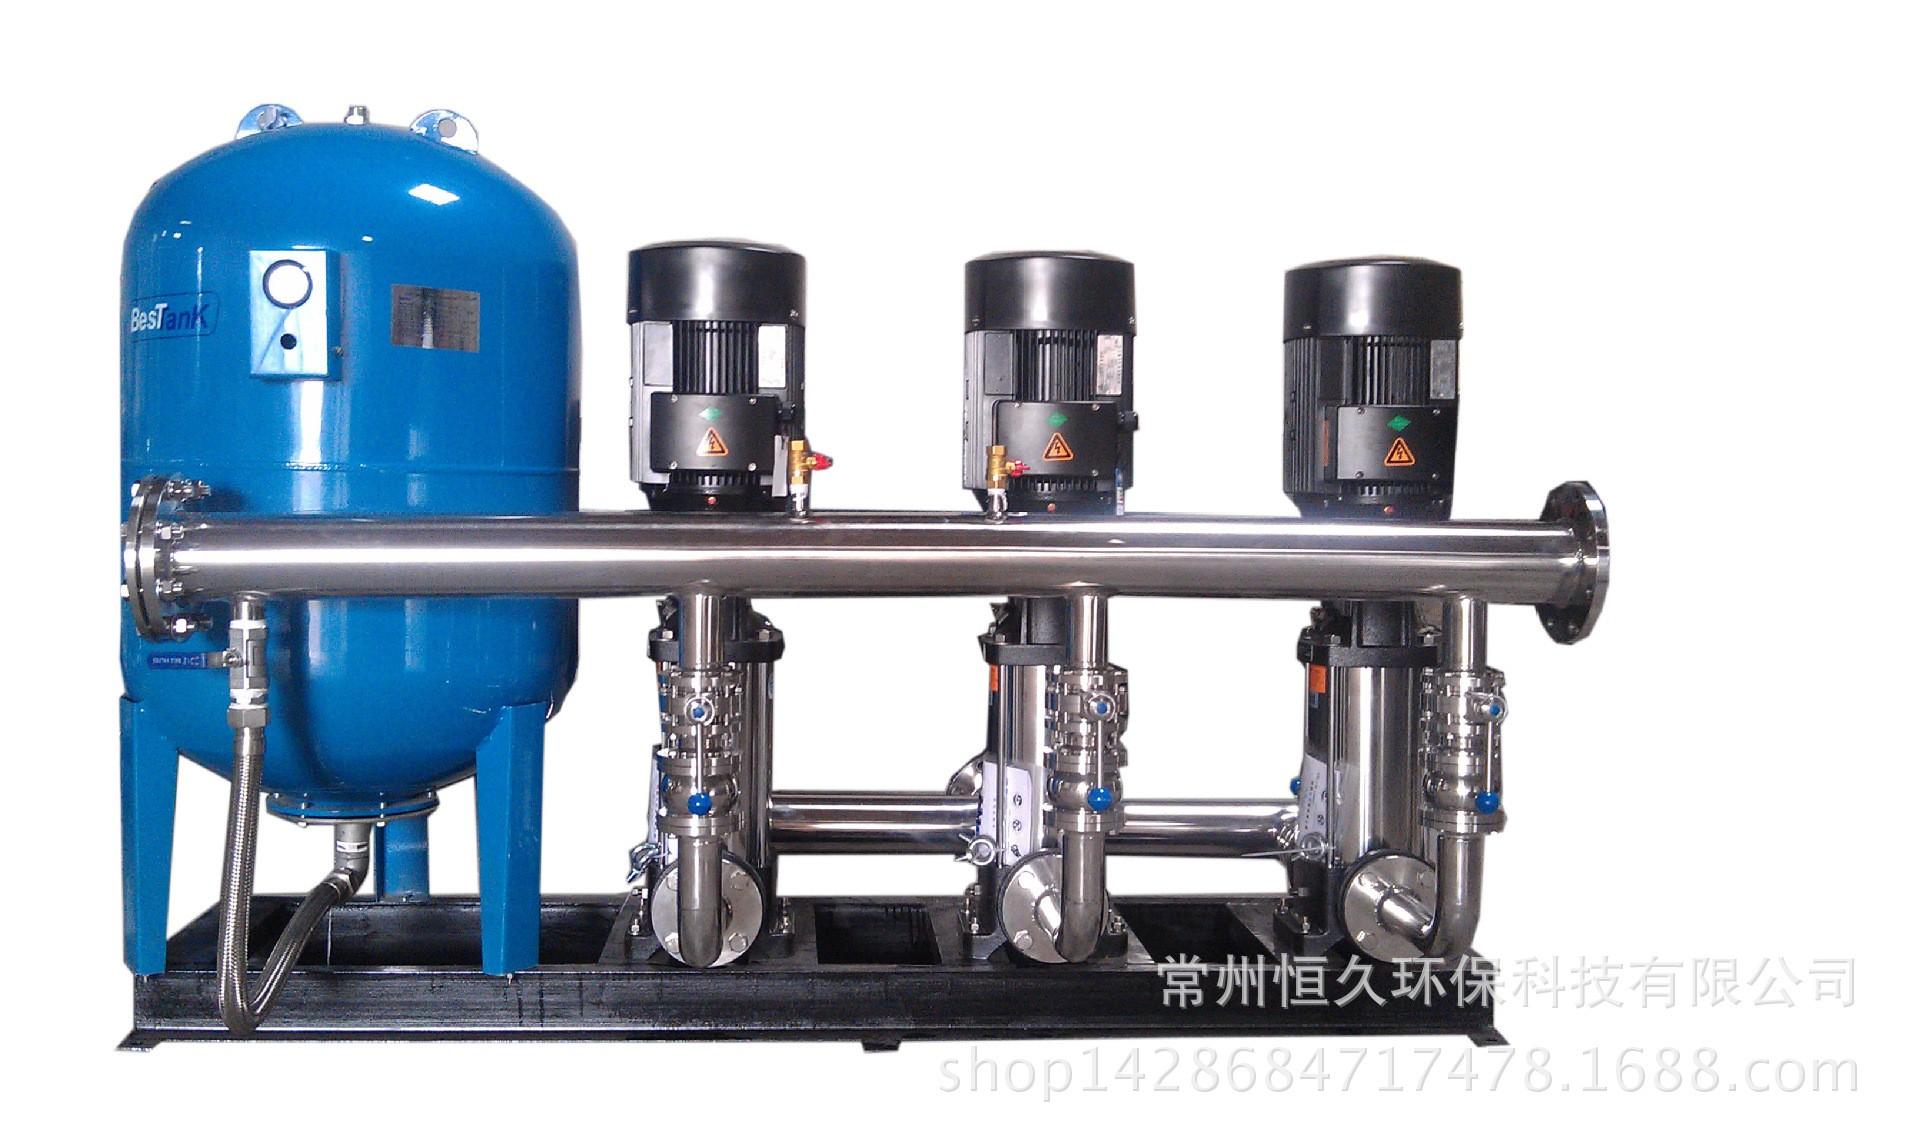 不锈钢恒压变频给水设施 变频恒压供水设备 HJ-BPHY